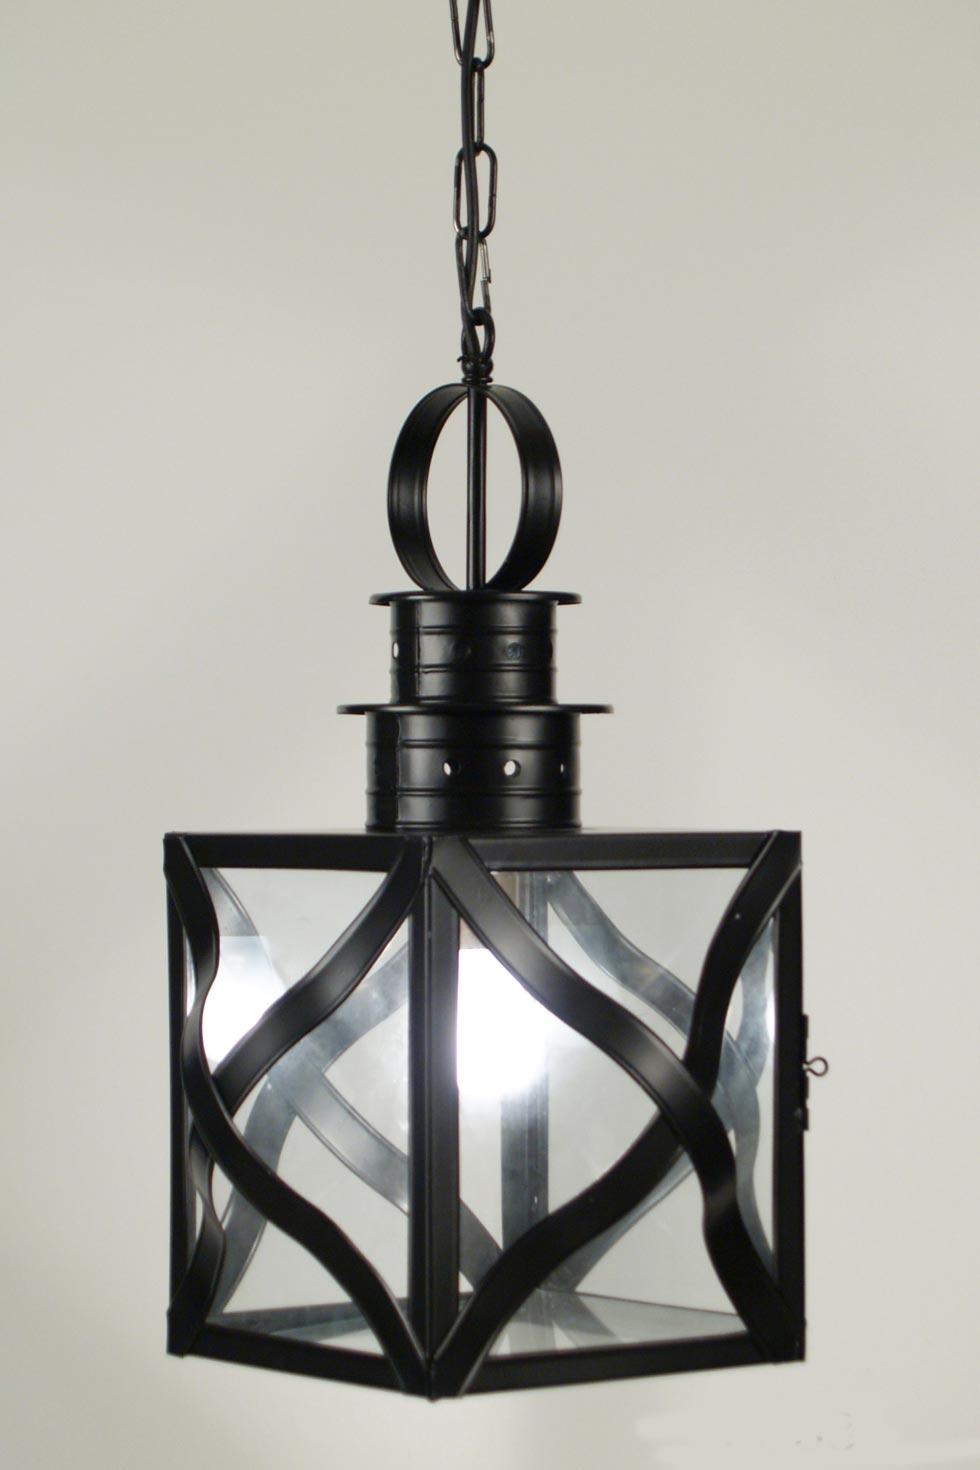 palheiro le33 n 1 lanterne suspendue laiton laqu noir latoaria laiton naturel suspension. Black Bedroom Furniture Sets. Home Design Ideas